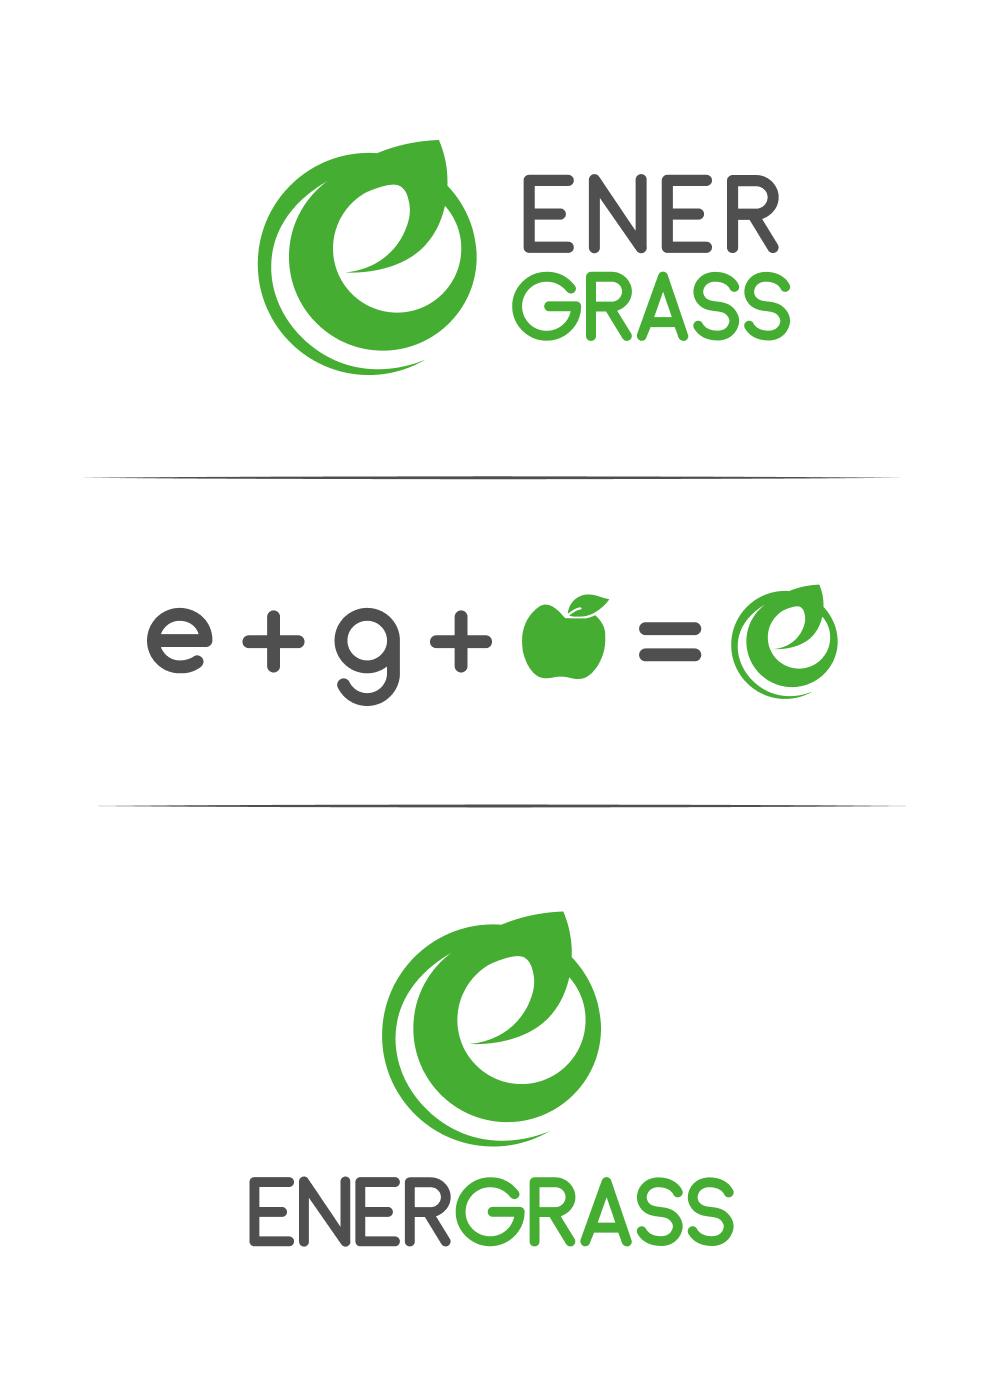 Графический дизайнер для создания логотипа Energrass. фото f_2595f8fba0a15e89.jpg